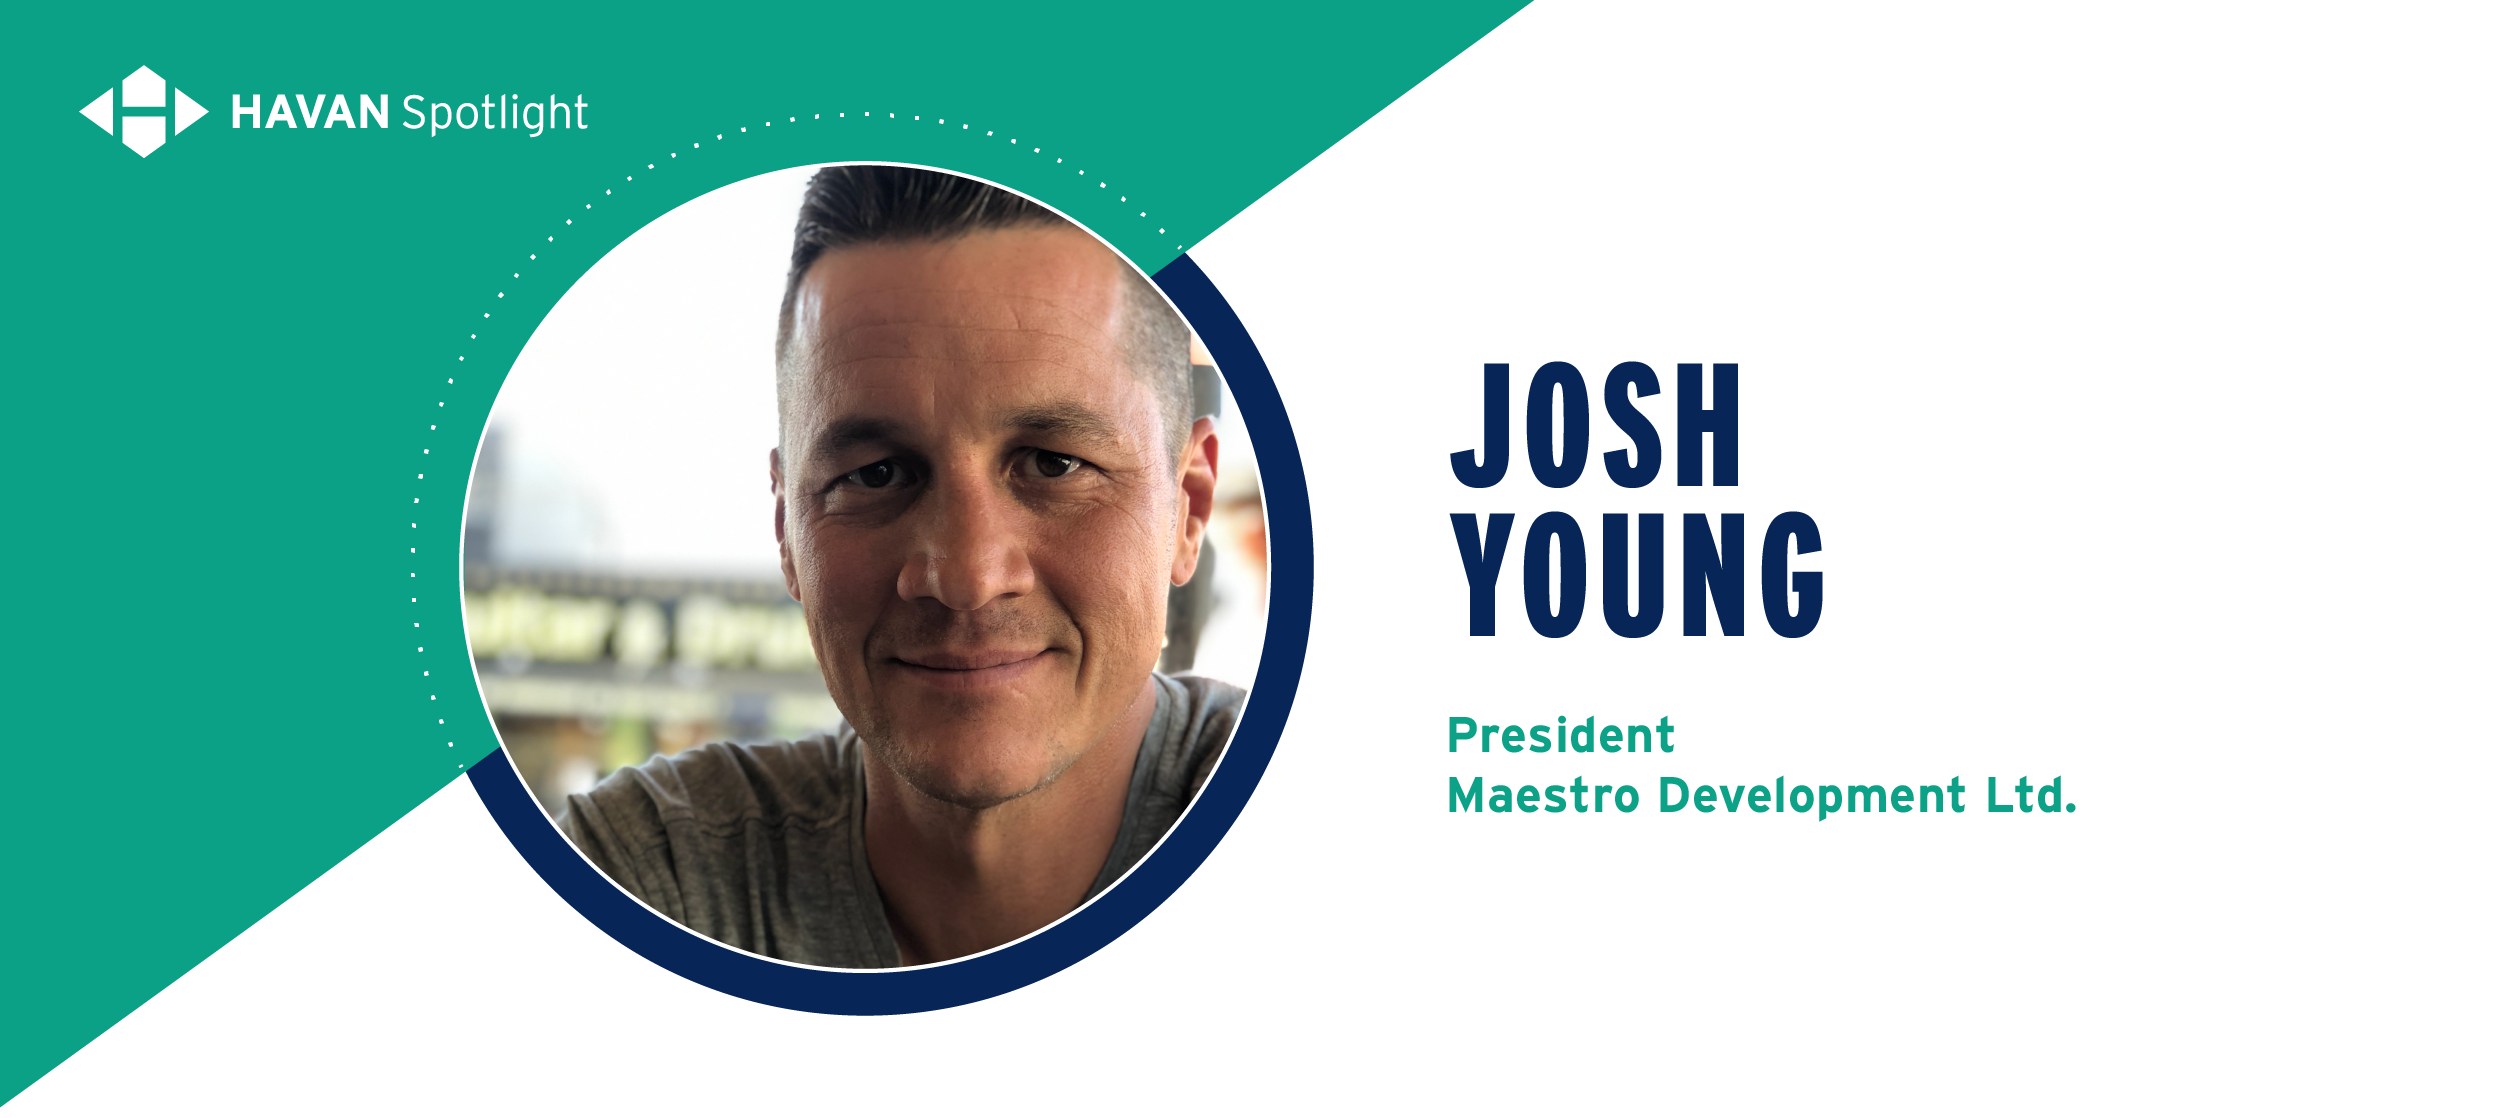 Josh Young Maestro Development